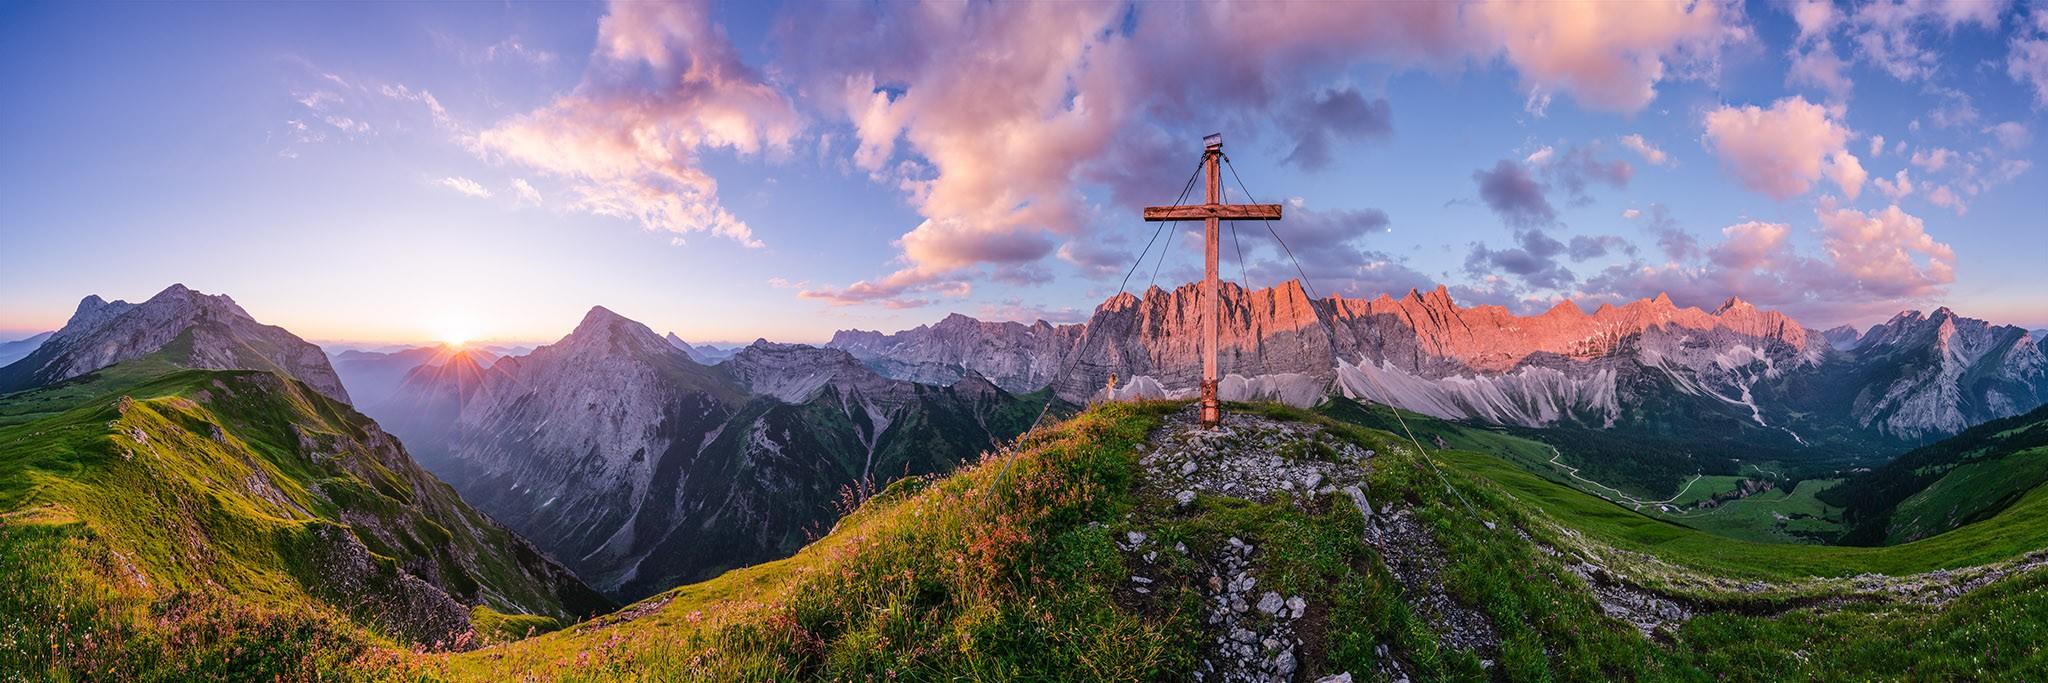 Sonnenaufgangsstimmung vom Mahnkopf mit Blick auf die angestahlte Laliderer Wand - Karwendelhauptkamm